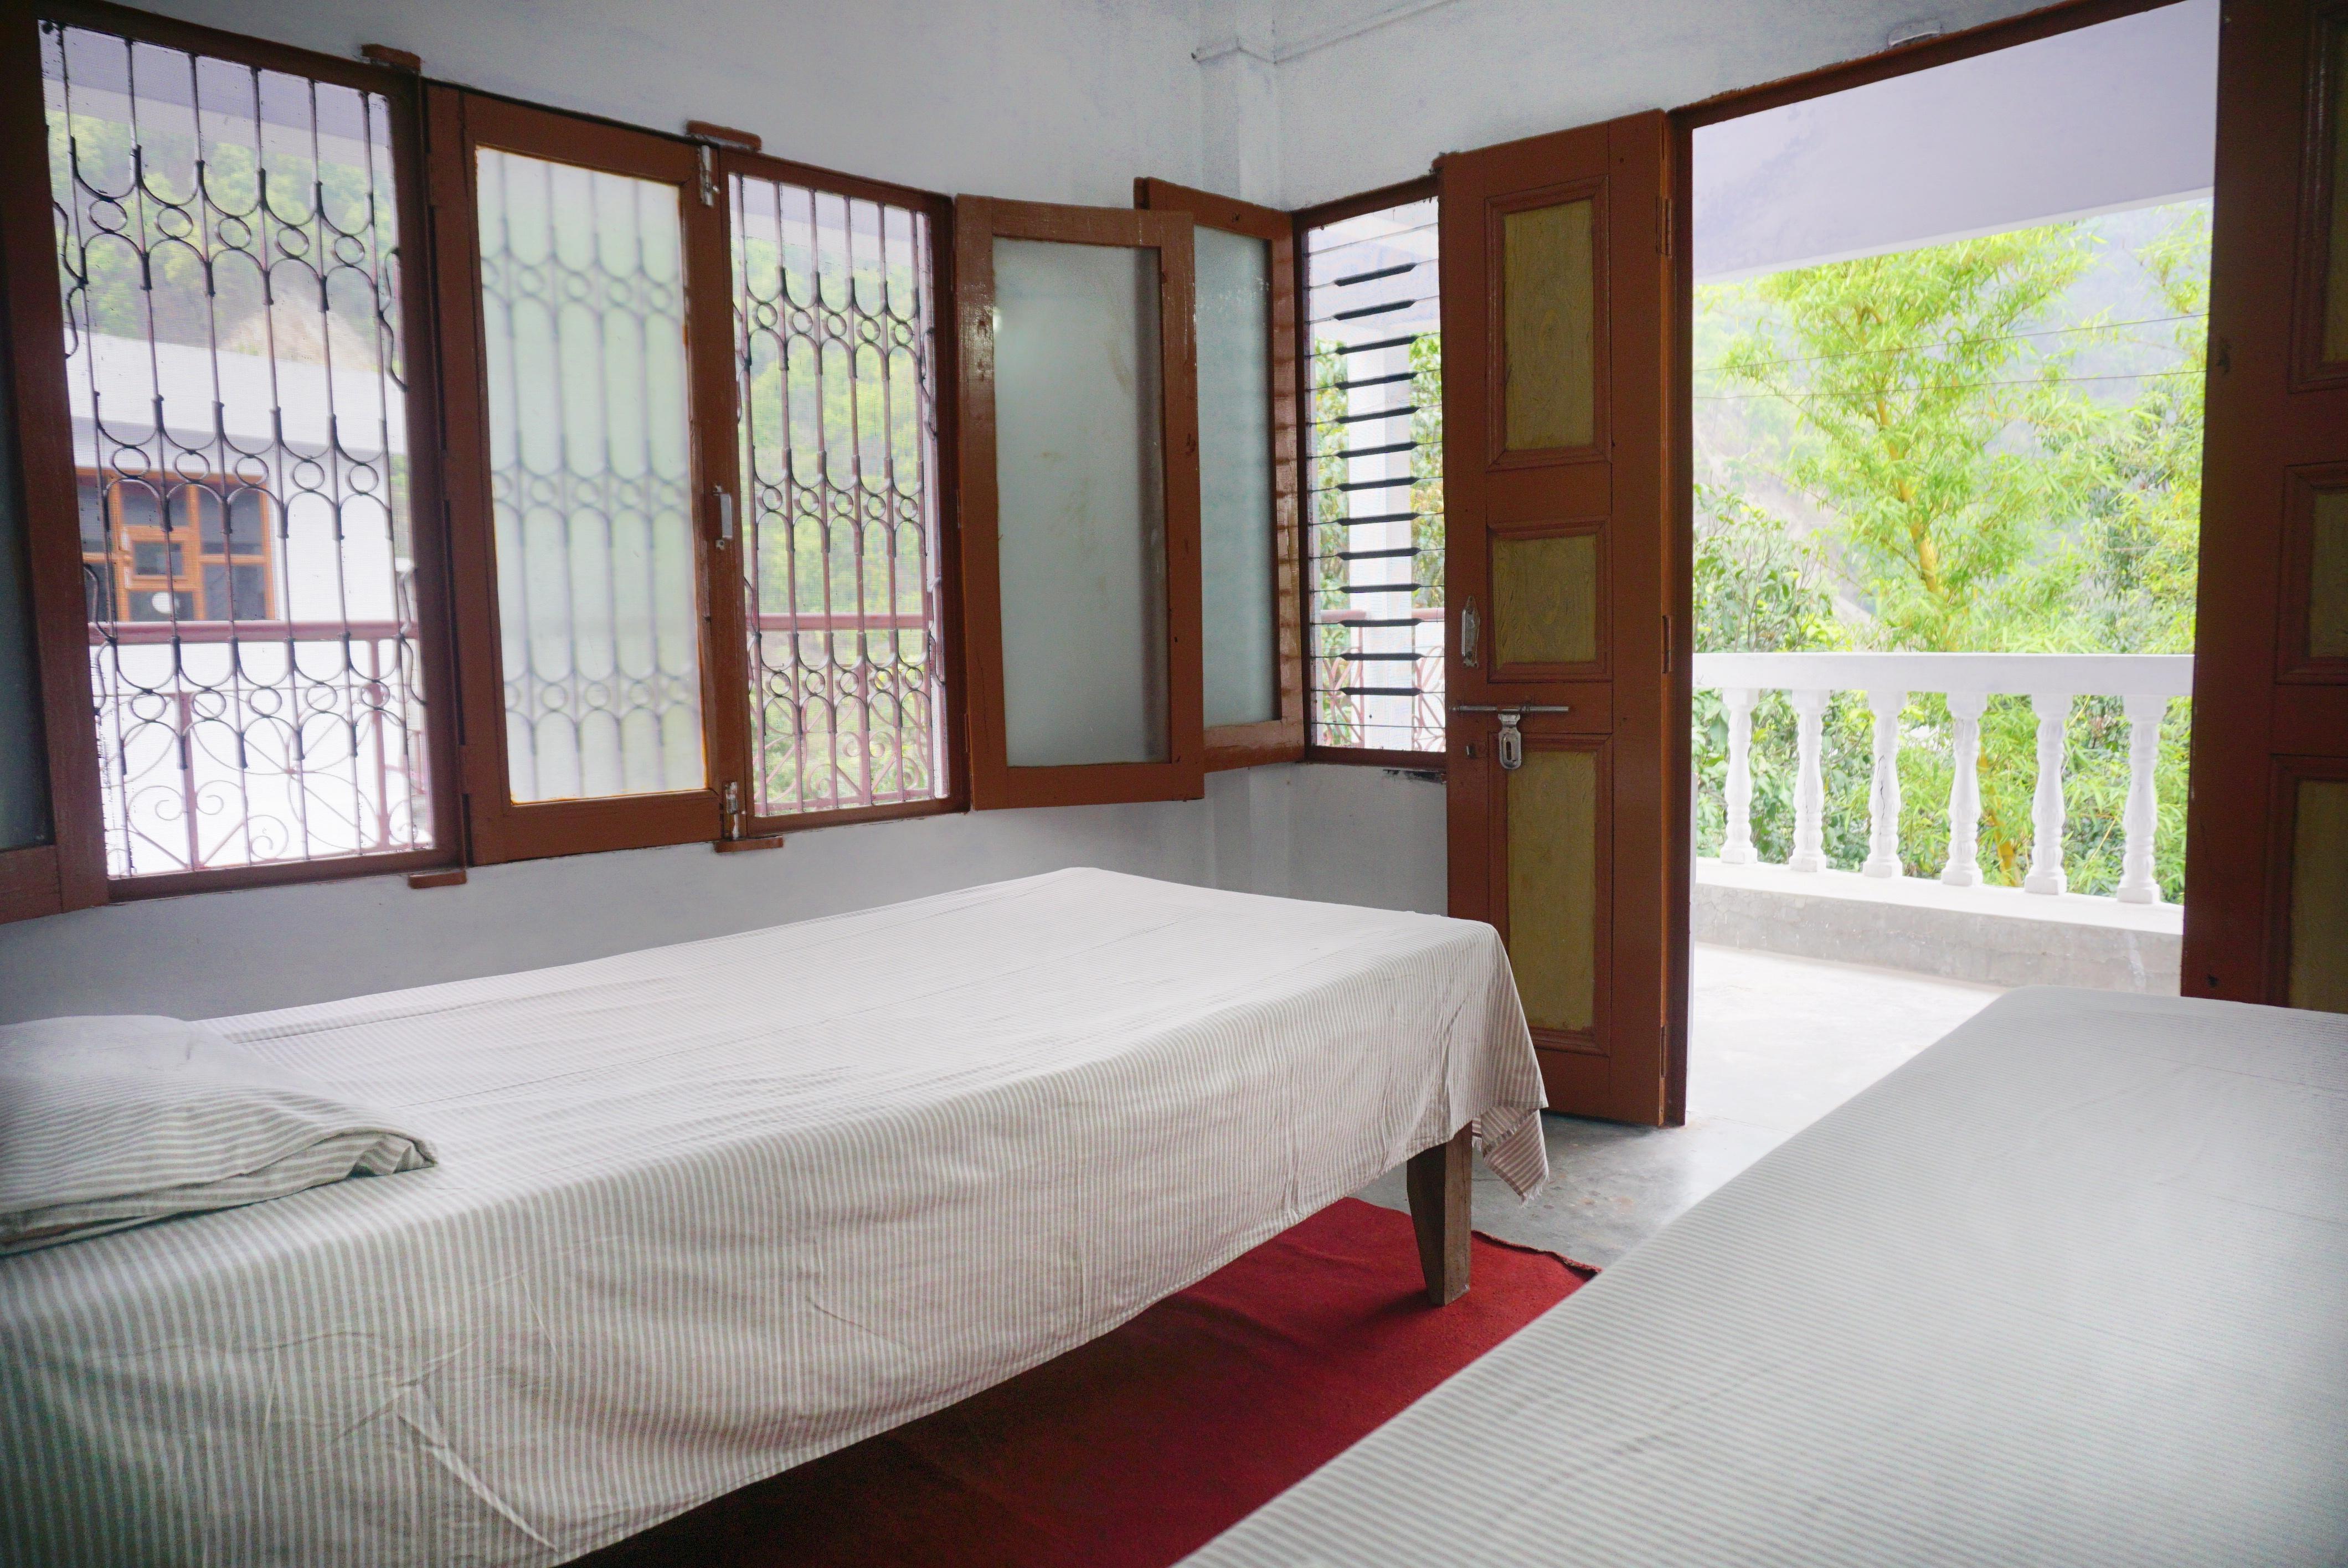 Garden View Room at Phool Chatti Yoga Ashram in Rishikesh